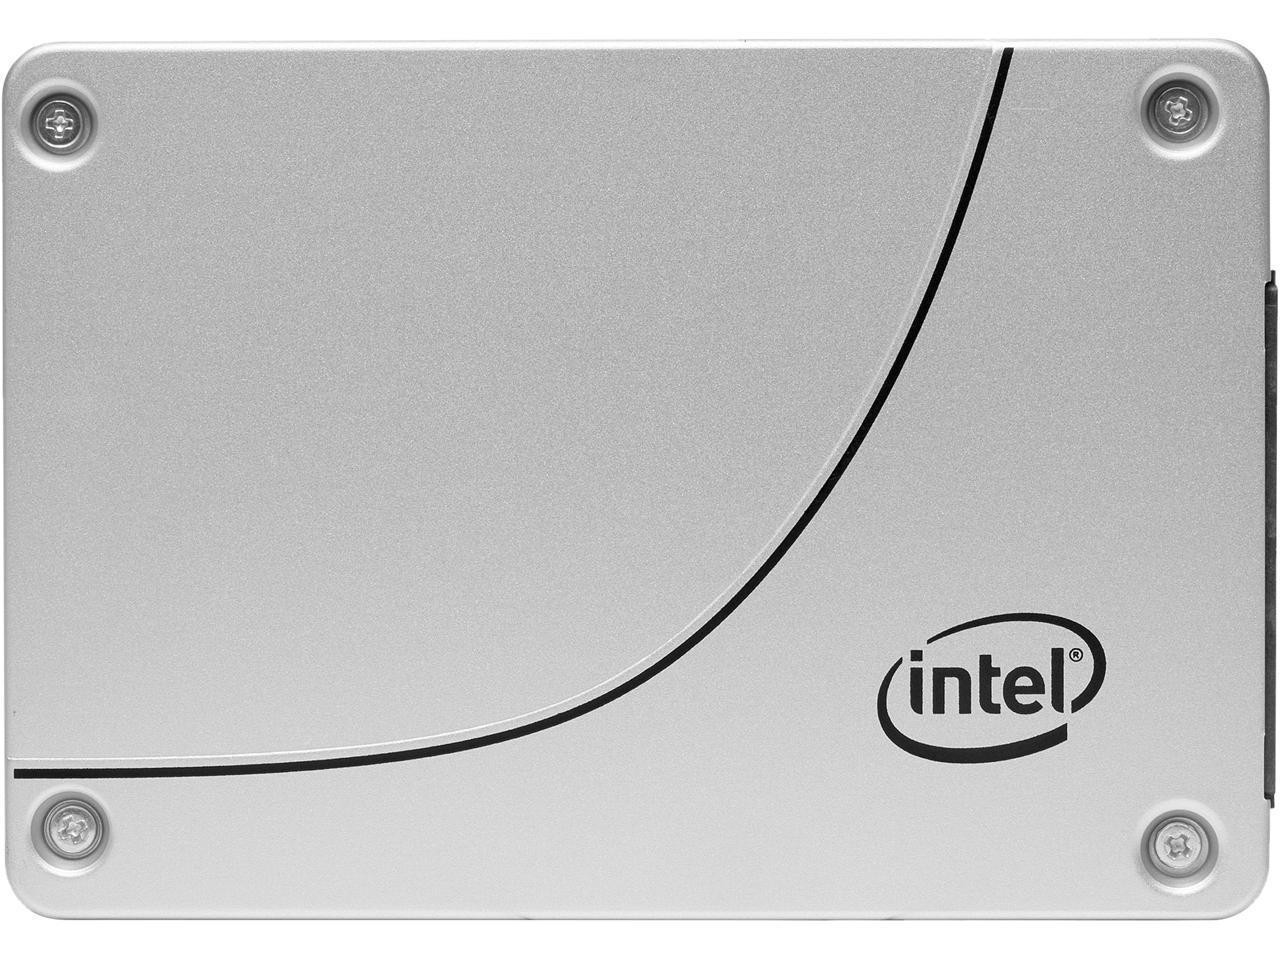 Intel SSD DC S3520 Series (960GB, 2.5in SATA 6Gb/s, 3D1, MLC) 7mm Generic  Single Pack - Newegg.com